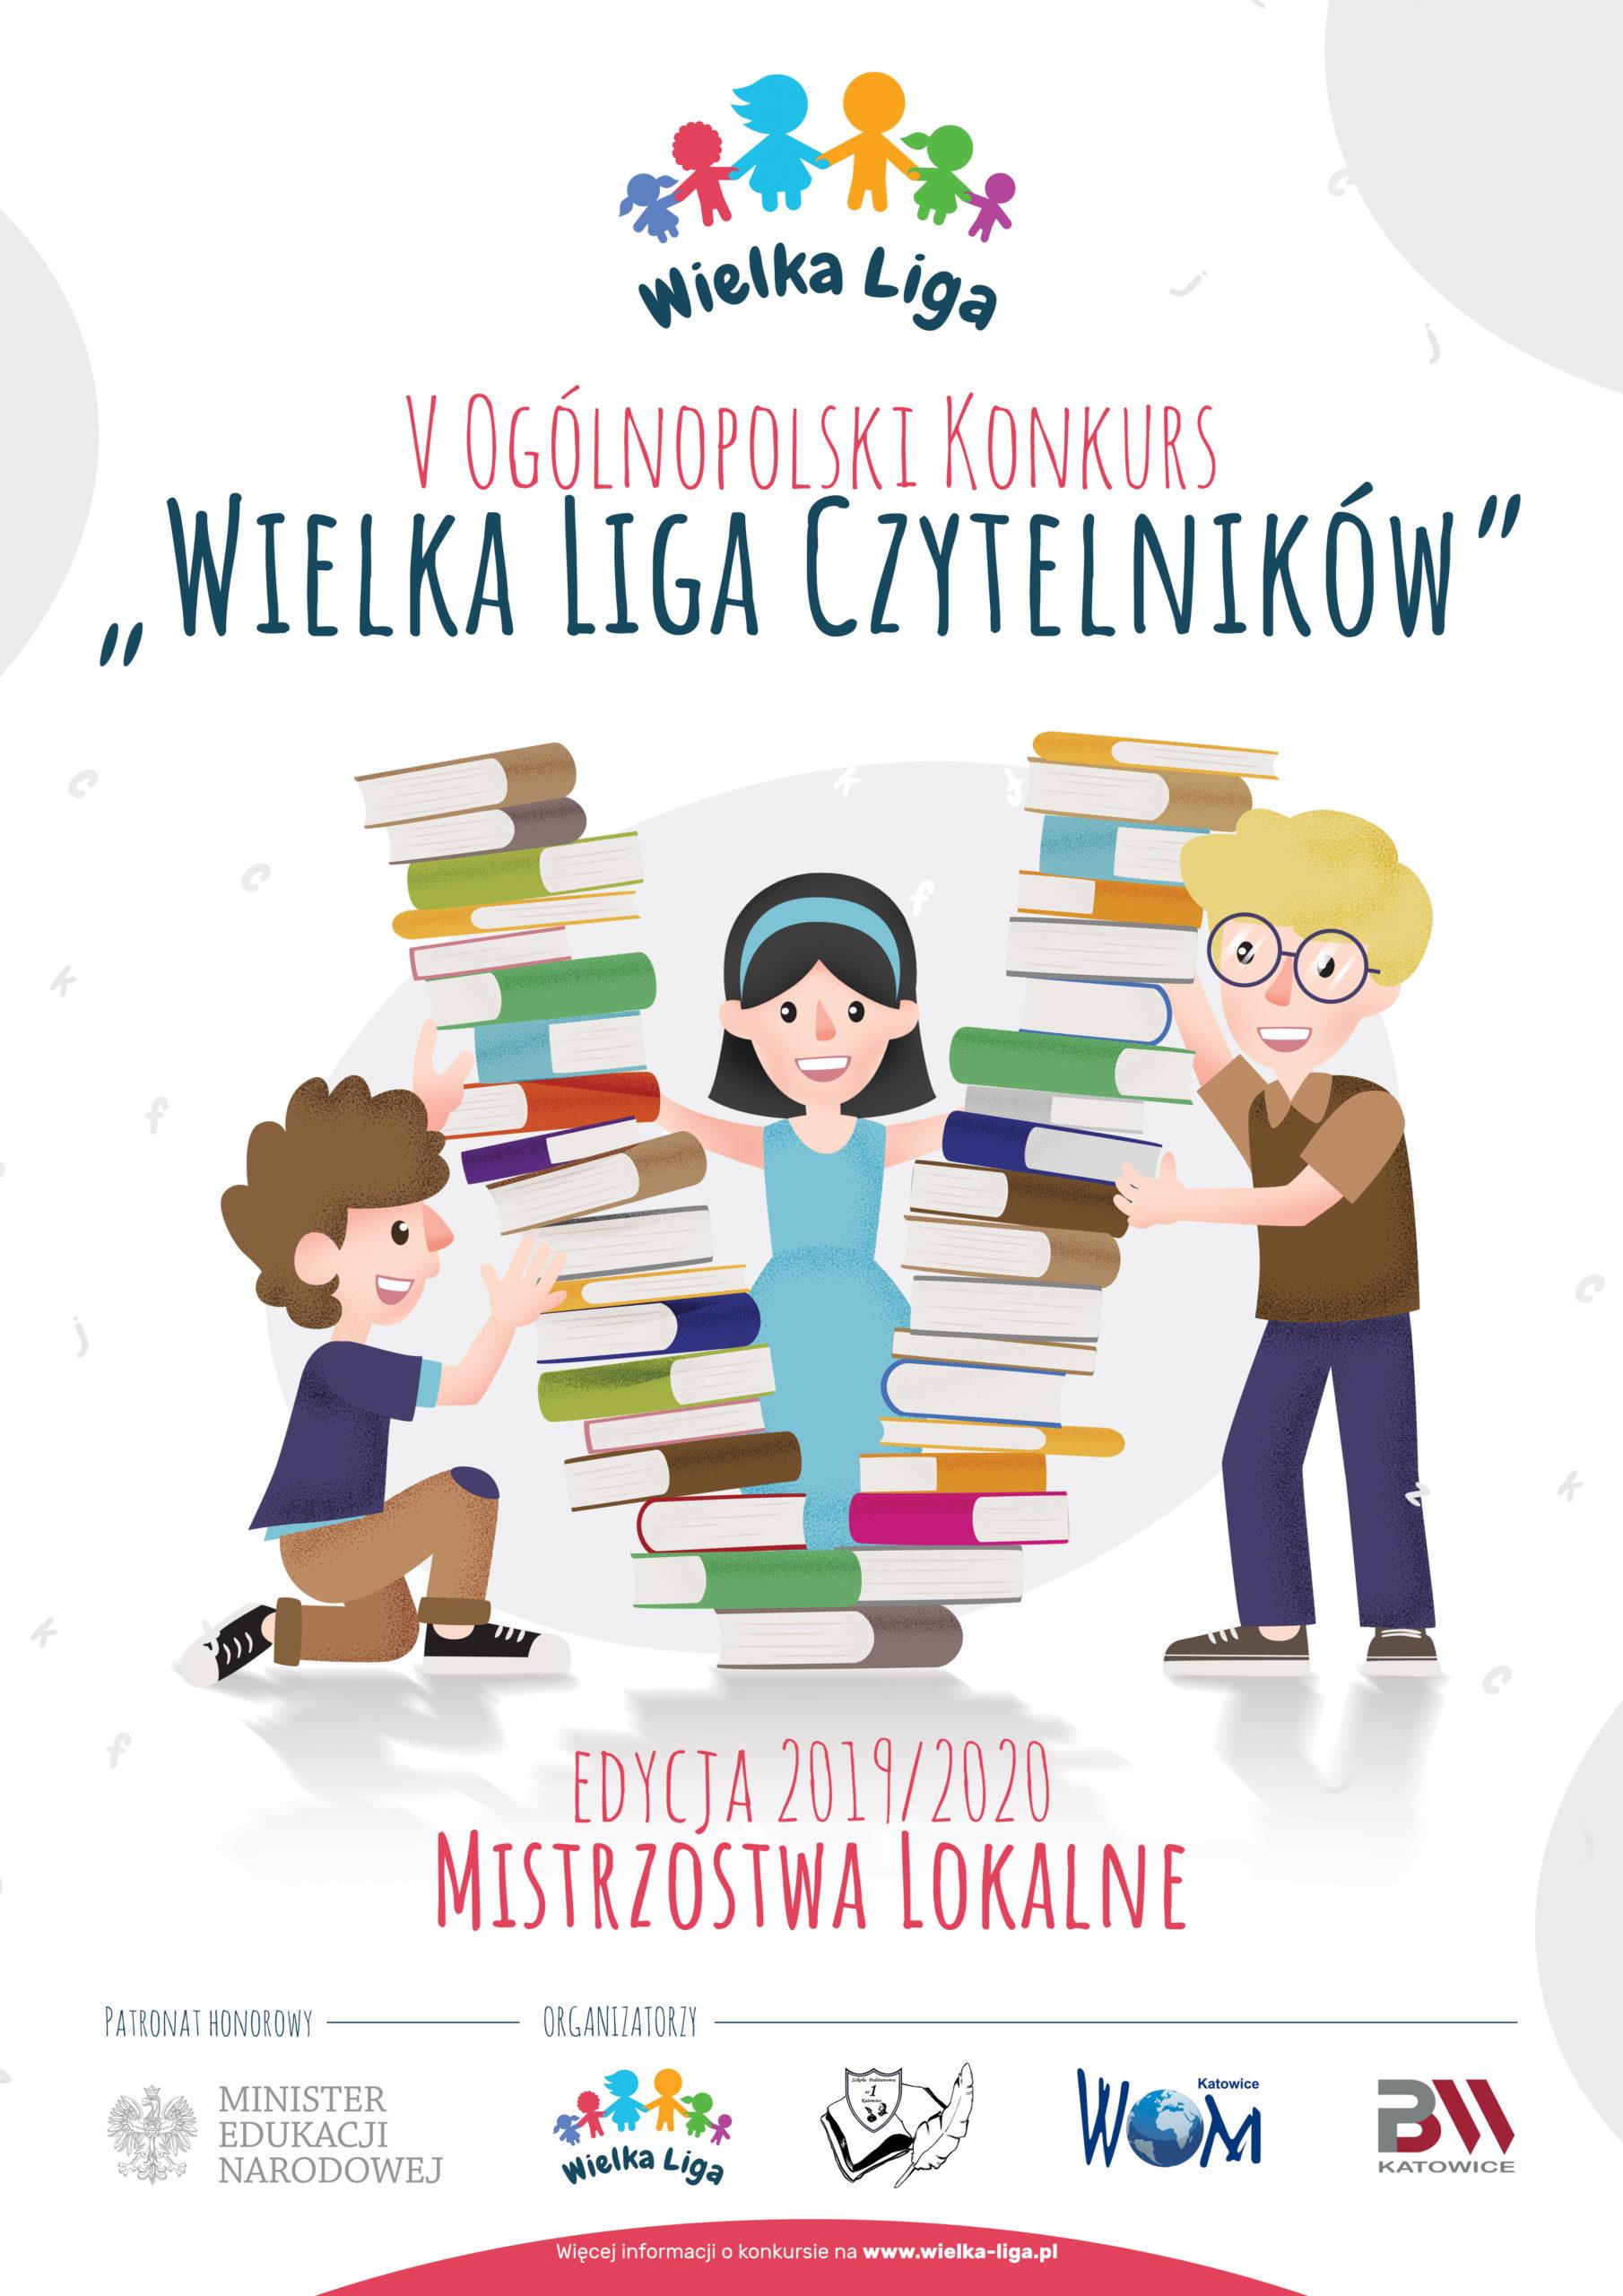 Plakat Wielka Liga Czytelników. Ilustracja. Troje dzieci trzymające stosy książek